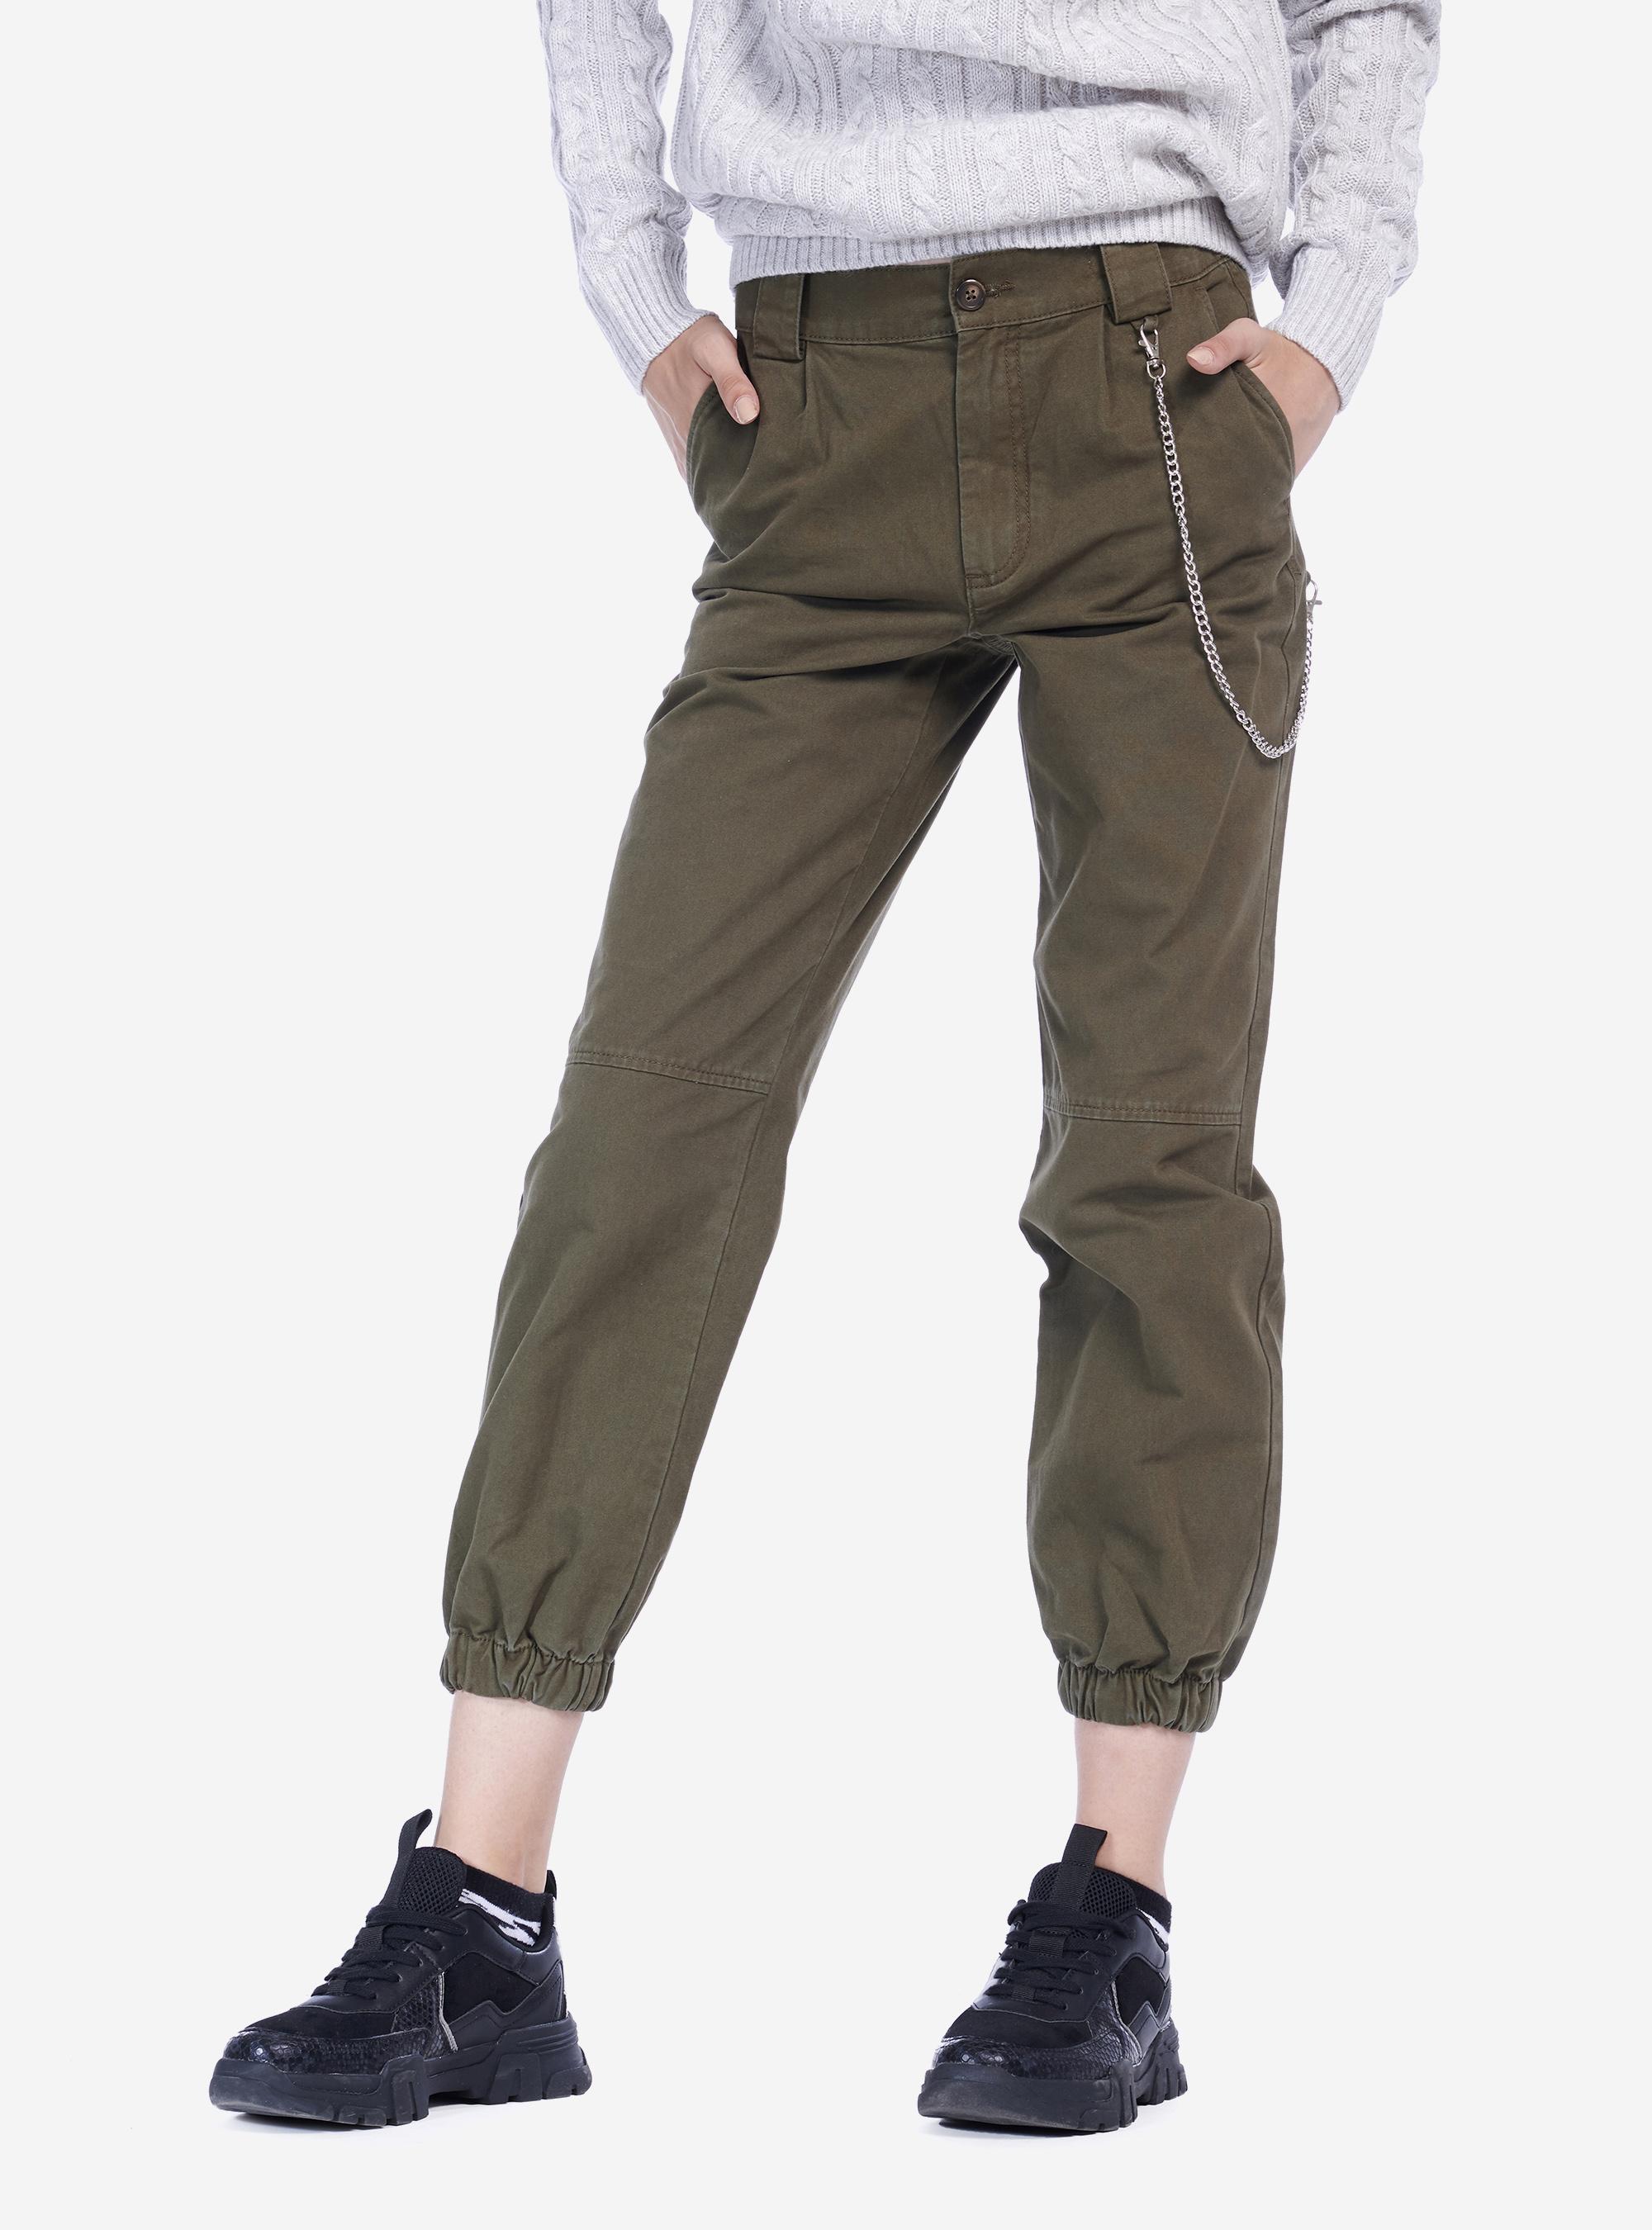 pantaloni per il tempo libero WEWINK CUKOO Pantaloni Capri da donna con tasche elastiche in vita